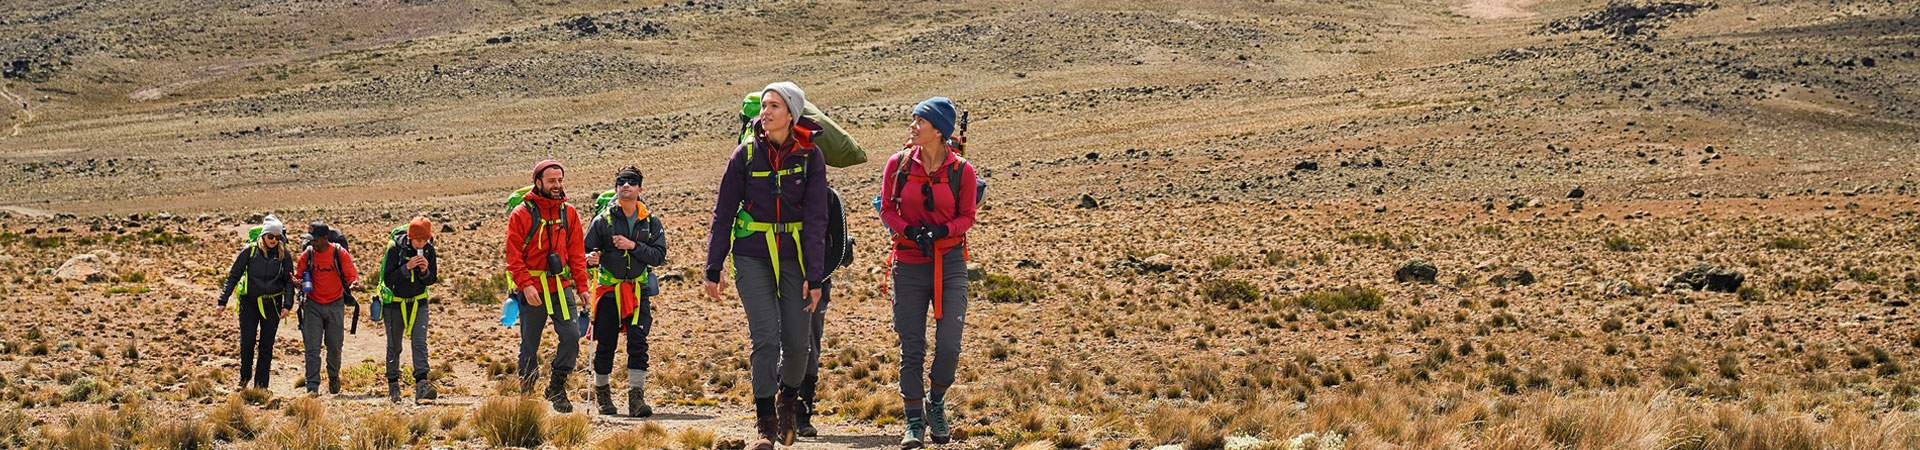 8-Days-Climbing-Kilimanjaro-lemosho-Route.